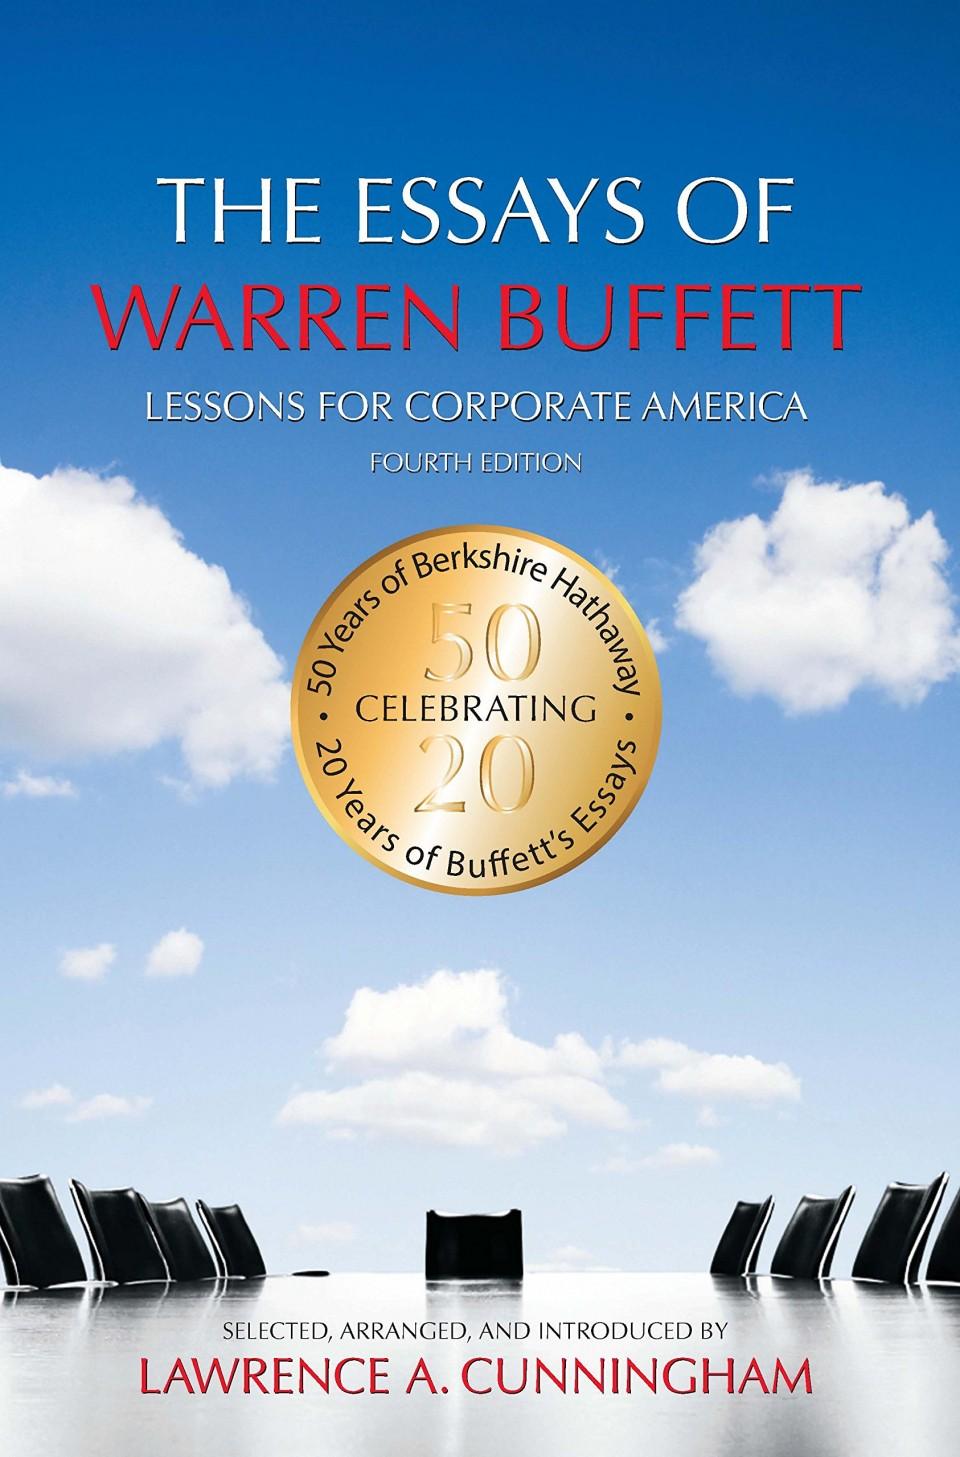 006 Die Essays Von Warren Buffett Essay Example Archaicawful Das Buch Für Investoren Und Unternehmer Pdf 960